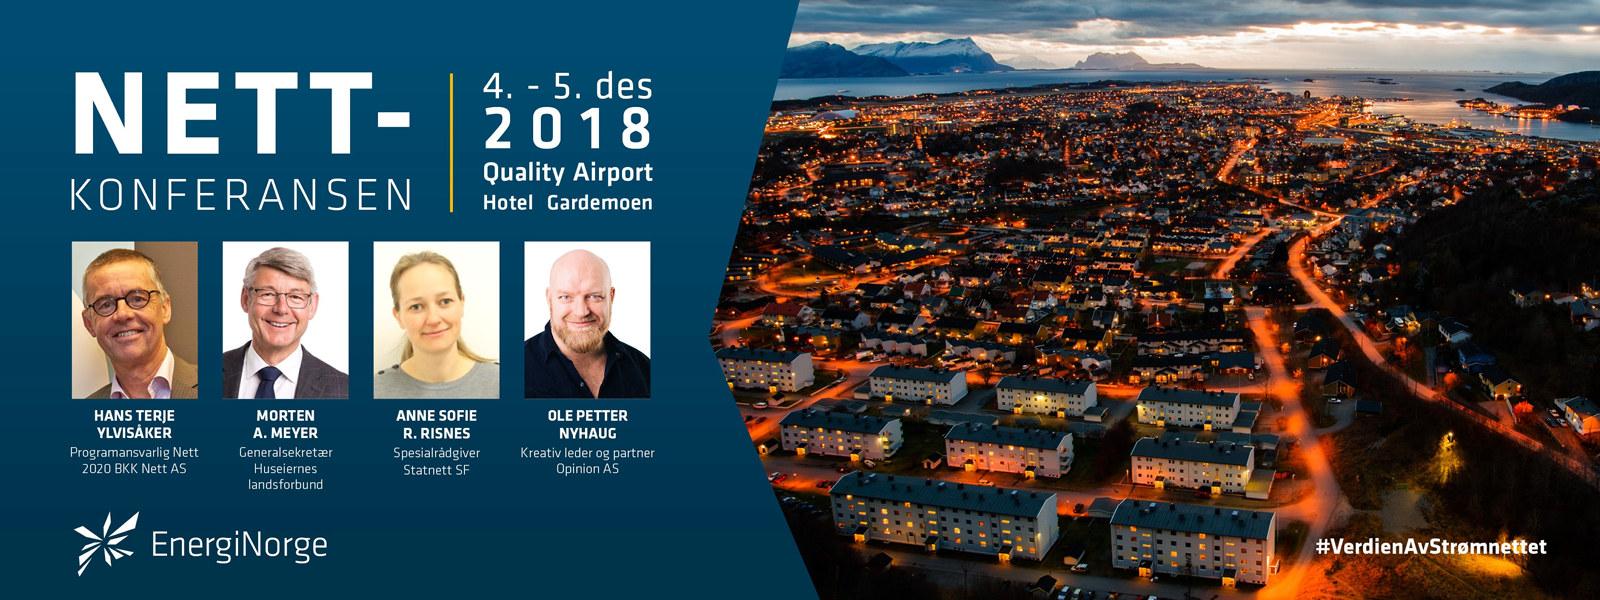 Nettkonferansen 2018